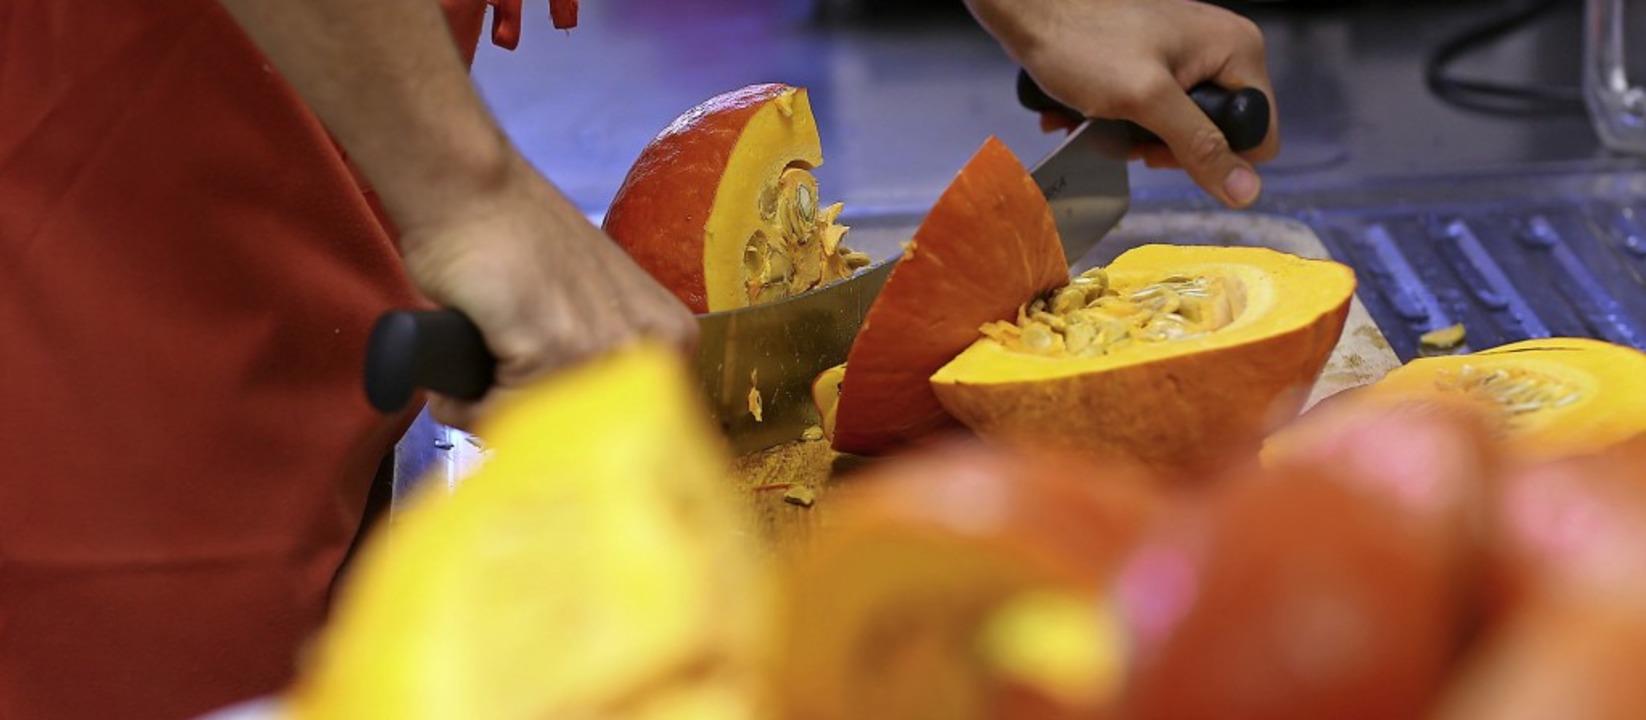 Gesundes Essen aus regionalen Produkte...n für die Kitas und Schulen wichtig.    | Foto: dpa